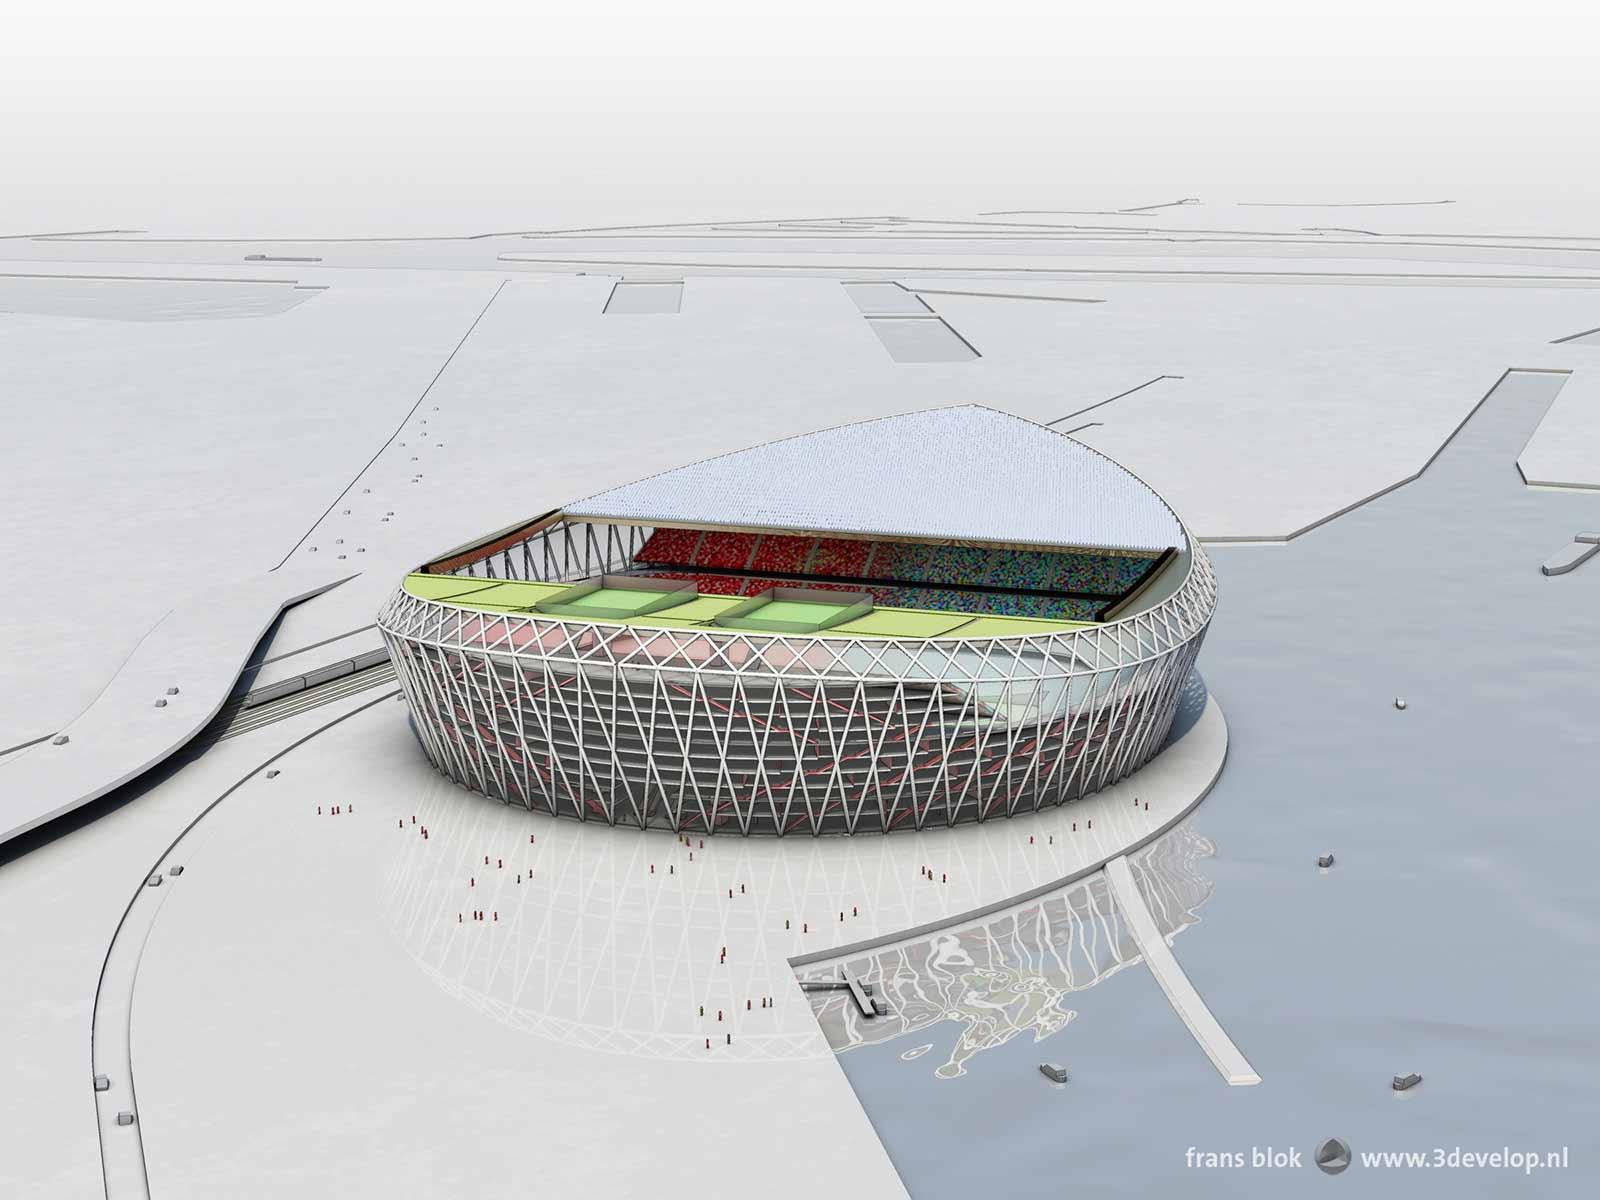 Vogelvluchtperspectief van het voorgestelde nieuwe Feyenoordstation, de Schuit, gezien vanuit zuidelijke richting met de Nieuwe Maas, het Noordereiland en Rotterdam-centrum op de achtergrond.